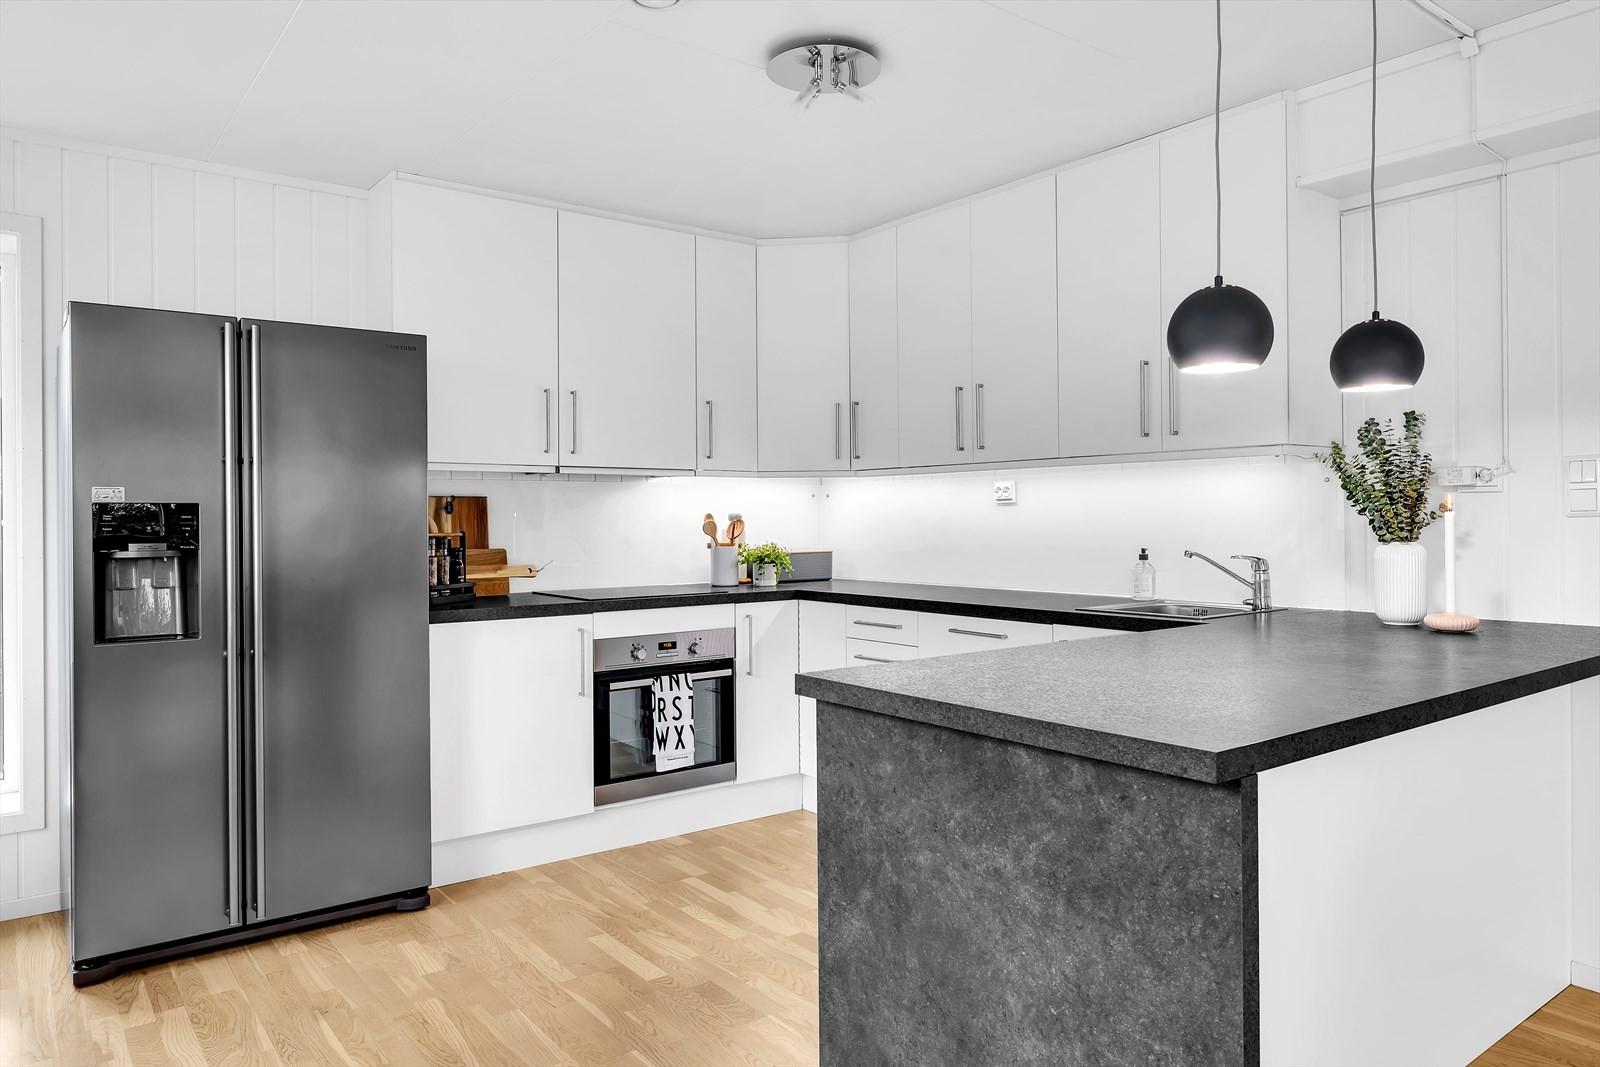 Moderne kjøkken med integrert stekeovn, koketopp og oppvaskmaskin